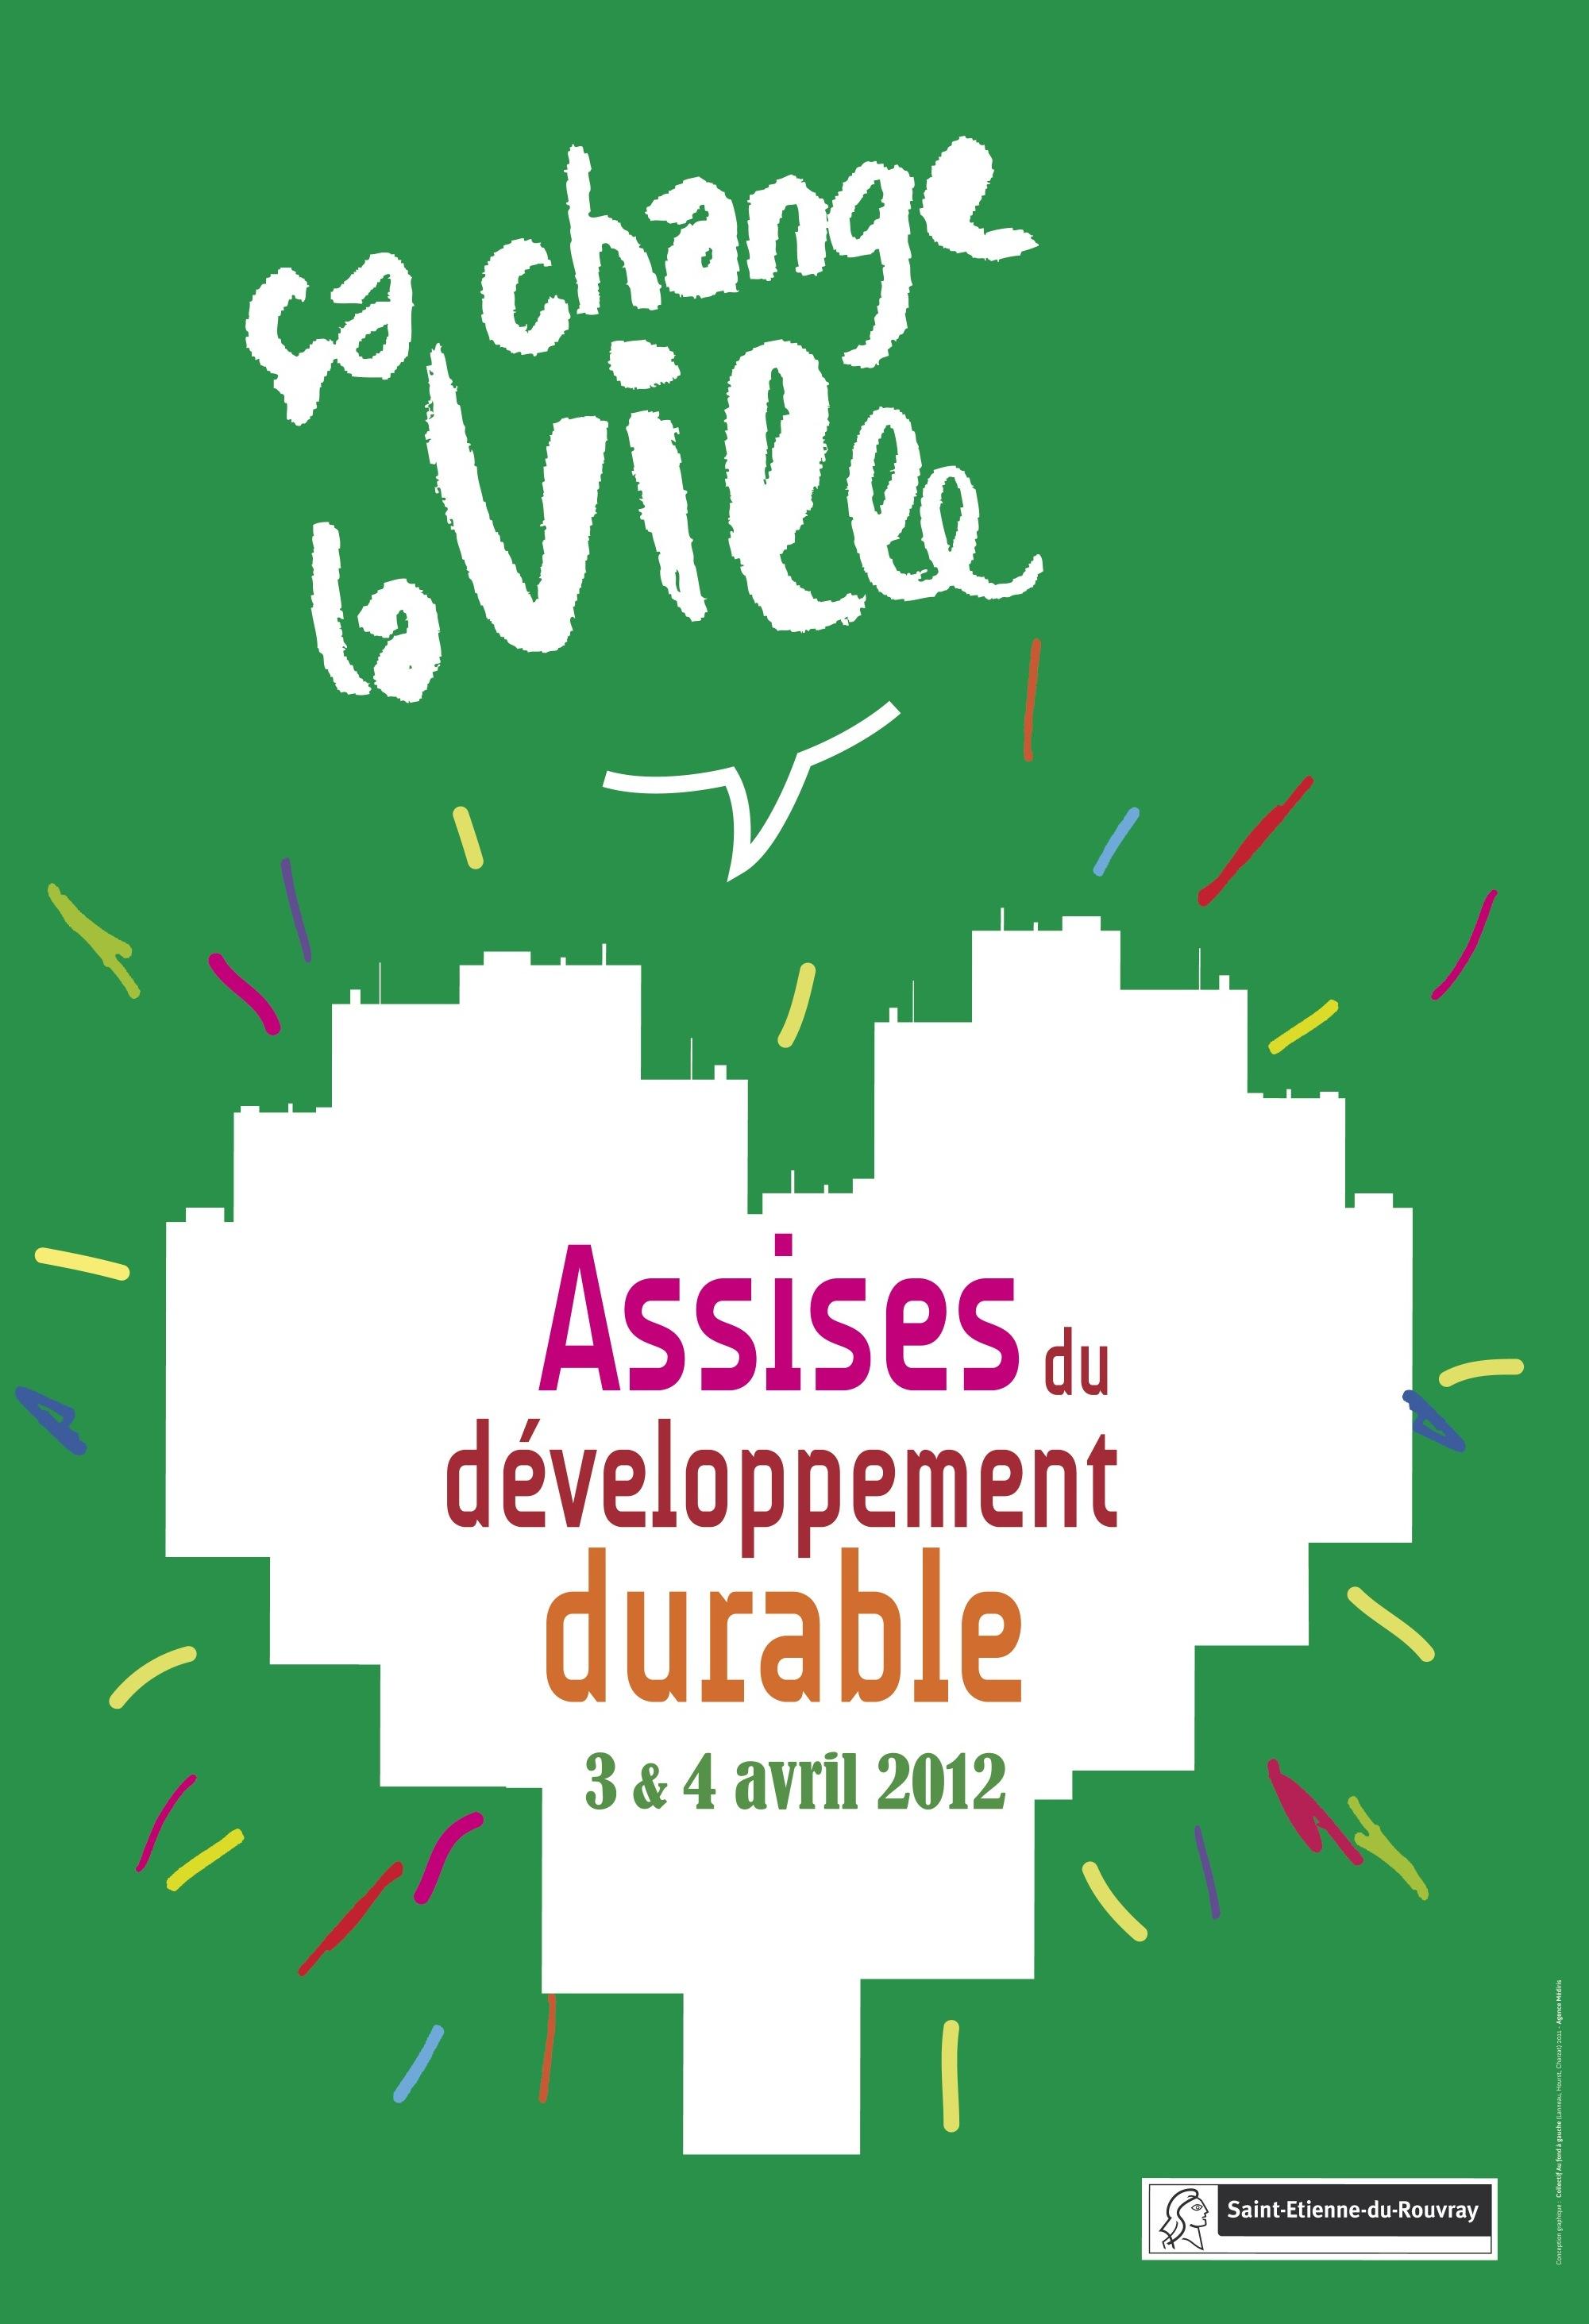 l'affiche des Assises du développement durable